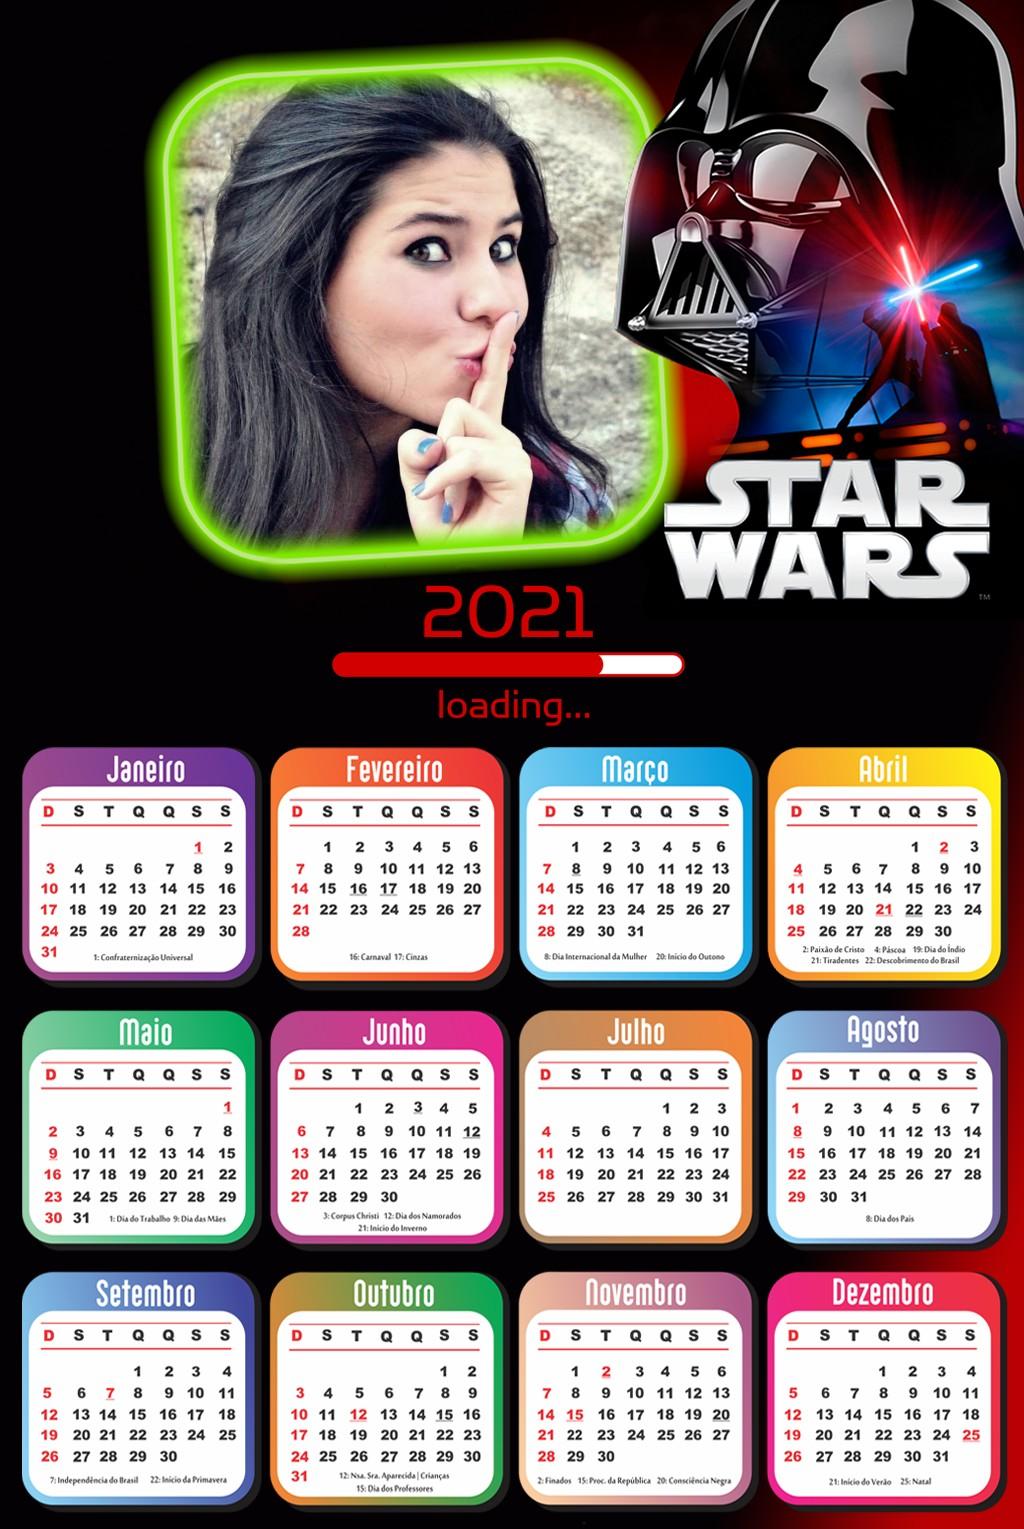 montagem-de-fotos-calendario-2021-star-wars